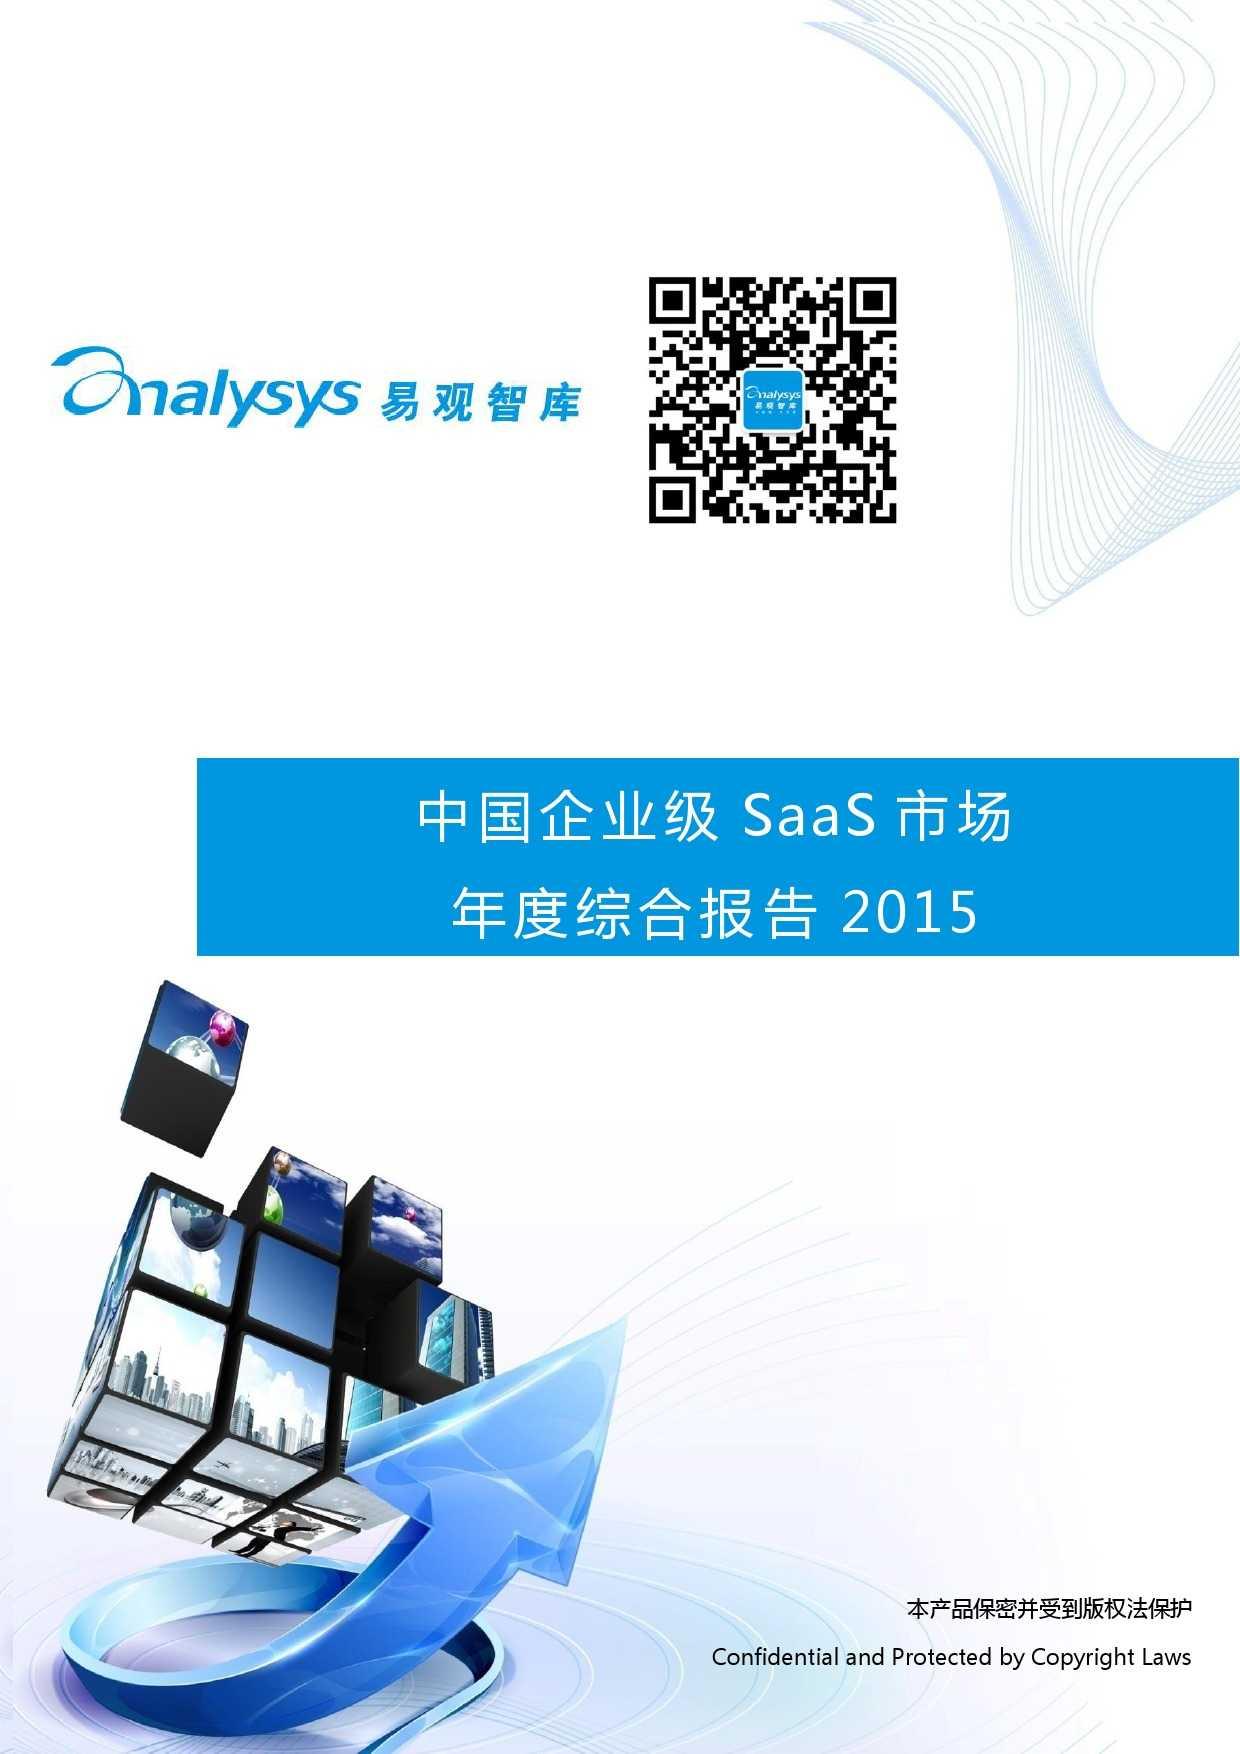 中国企业级SaaS市场年度综合报告2015 01_000001